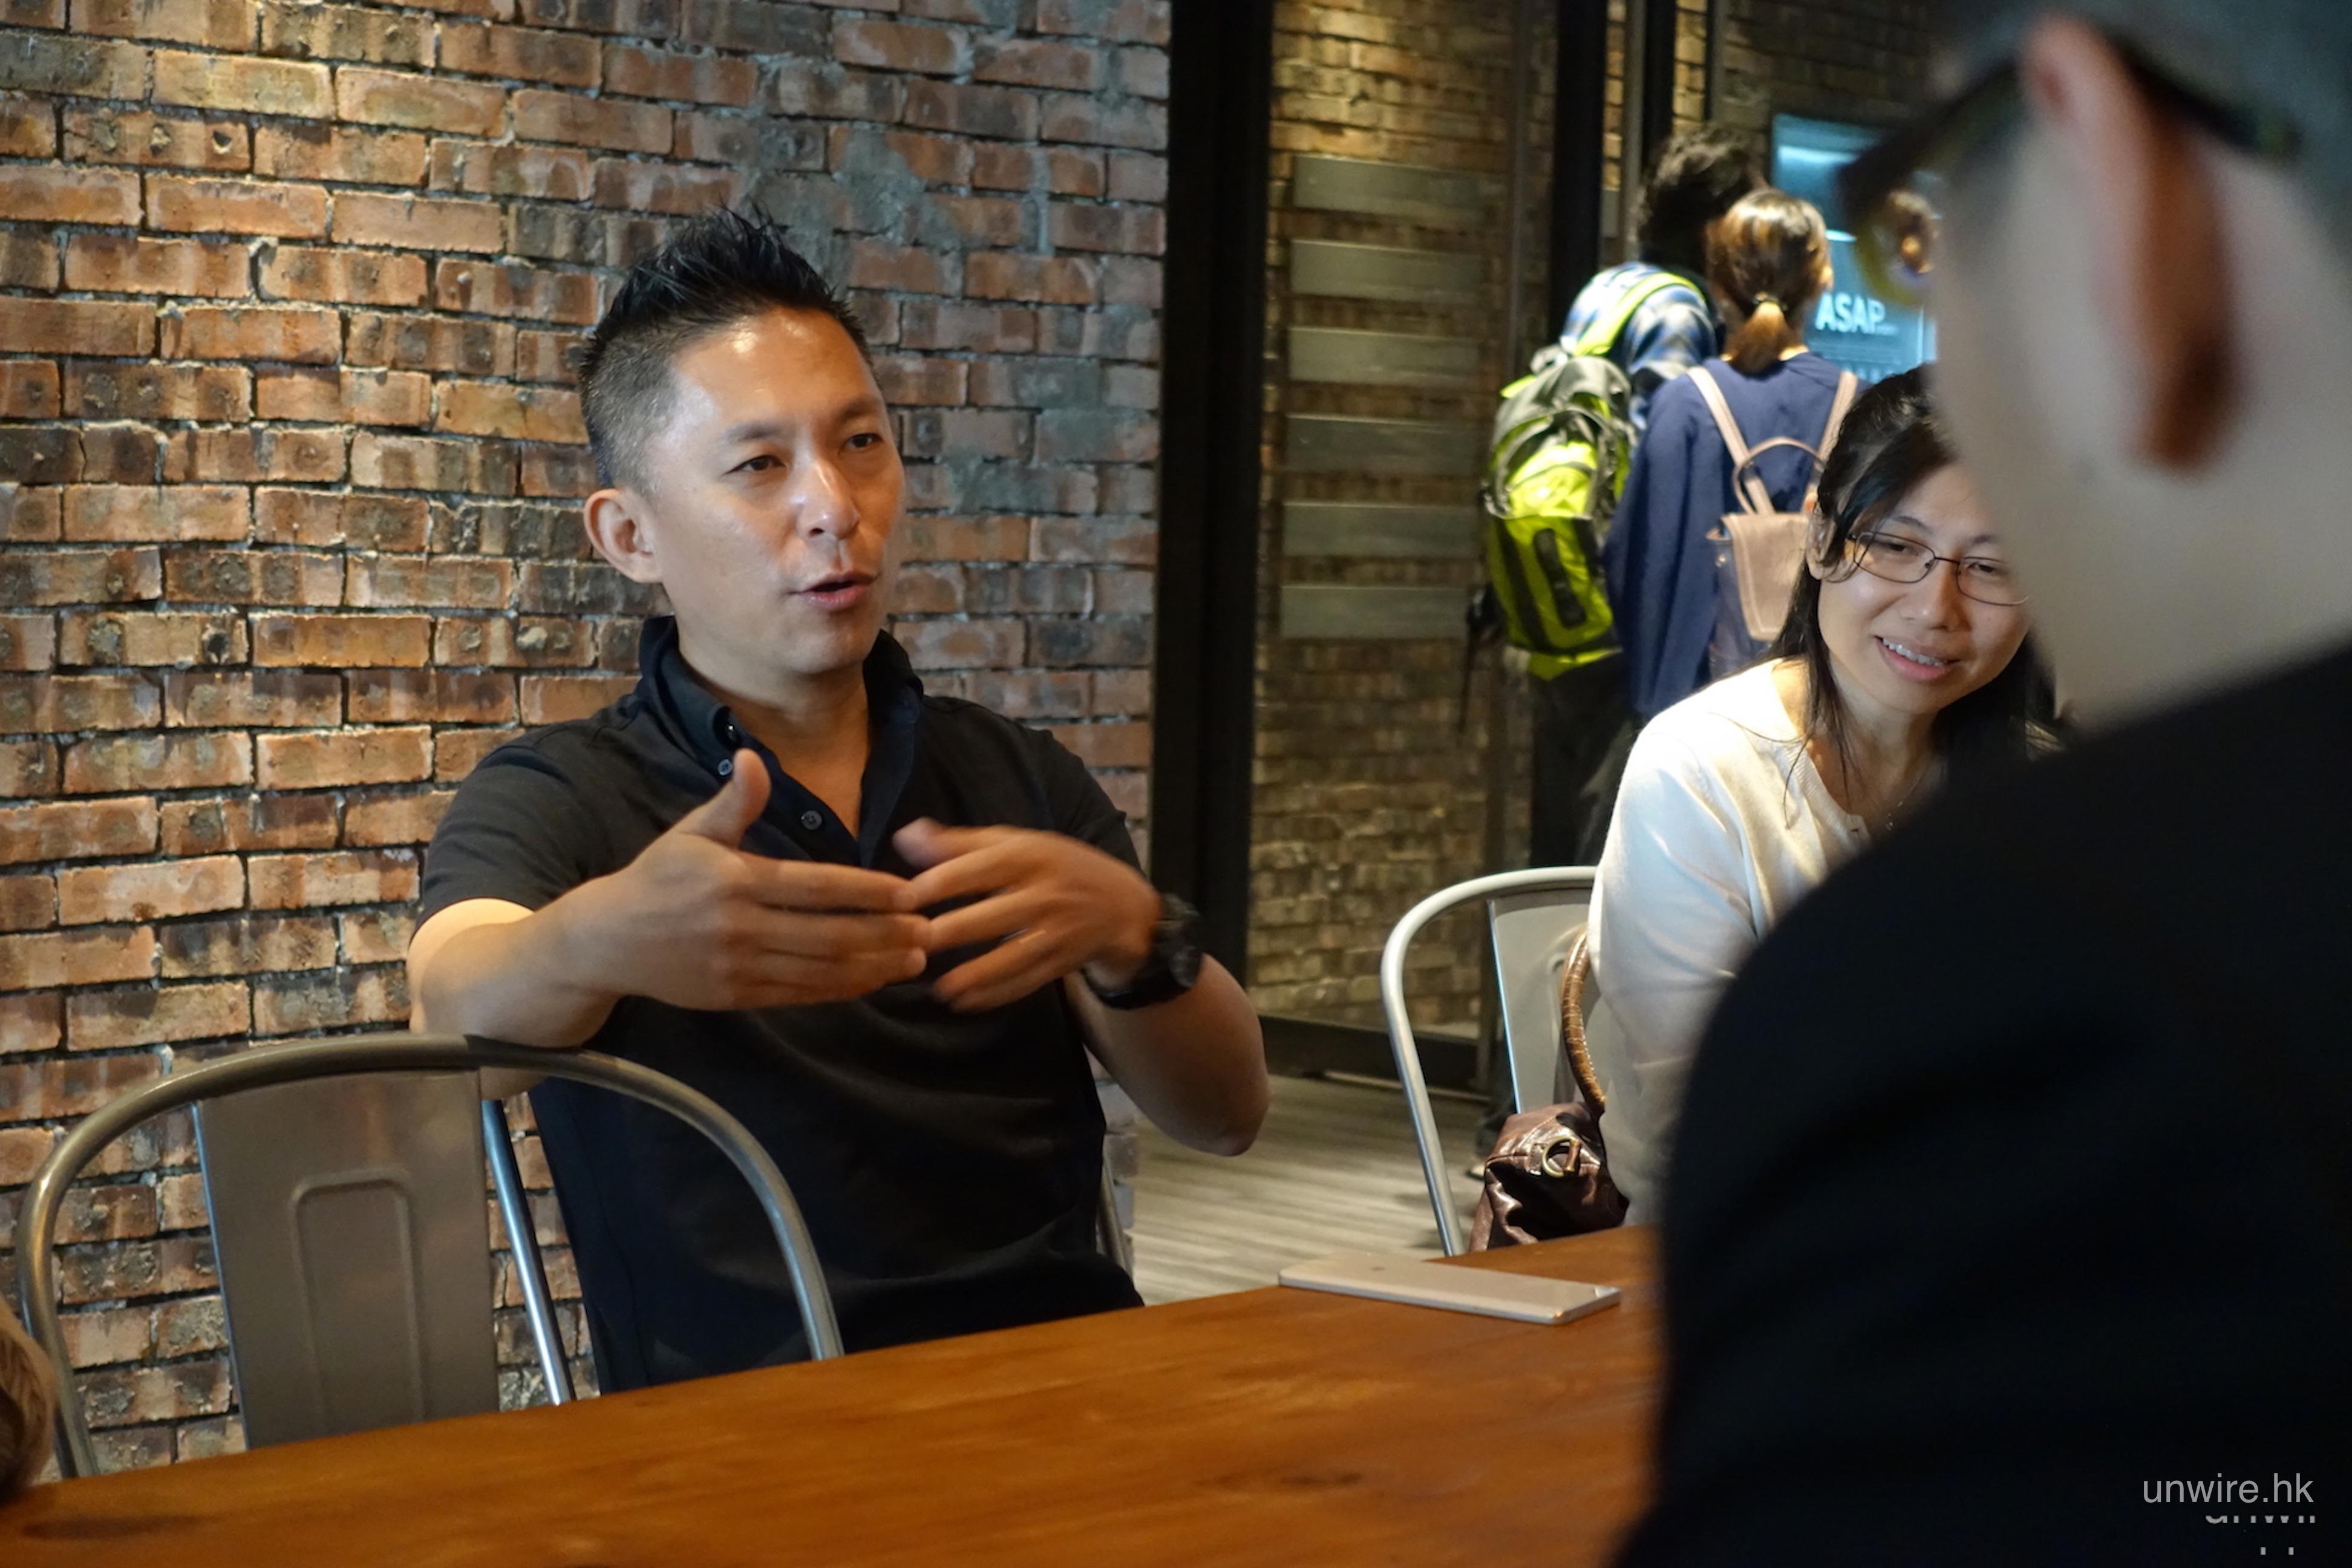 【 創業家午餐小聚 】社交媒體達人 Rudi Leung 的一席話